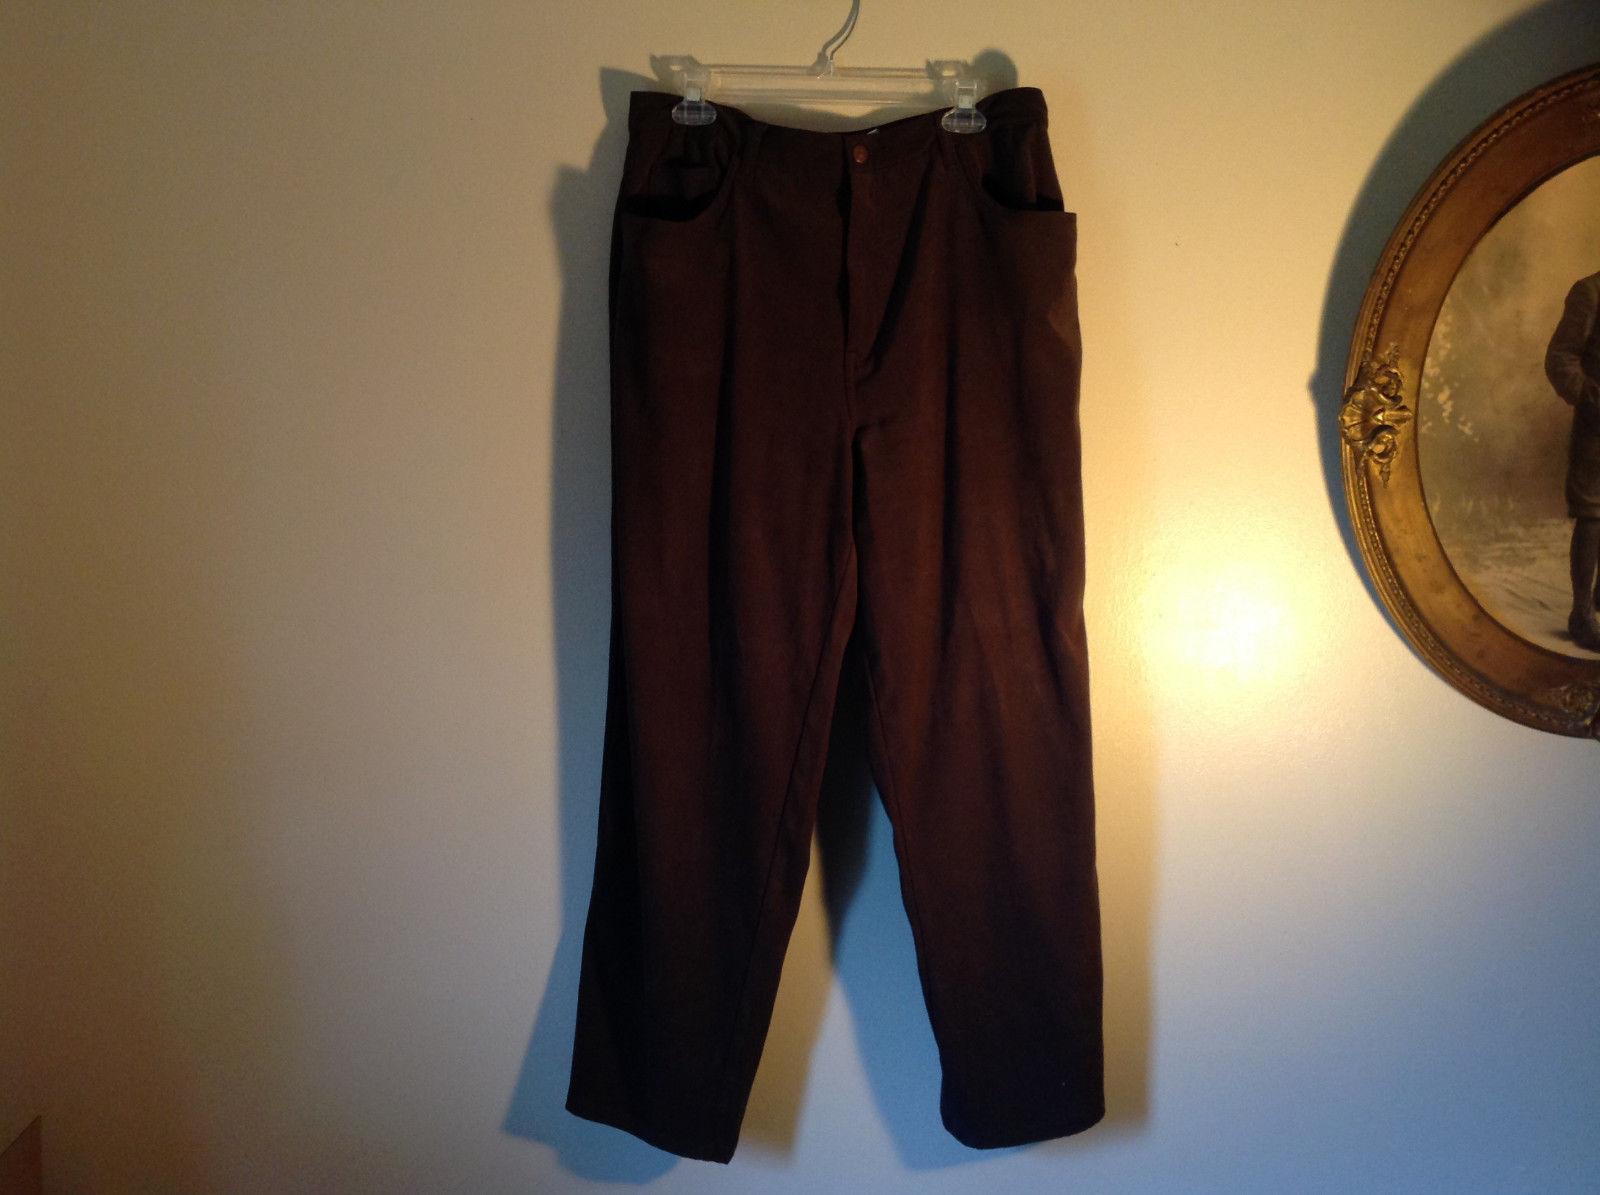 Brown Five Pocket Work Pants by Bill Blass Zipper Button Closure Size 14